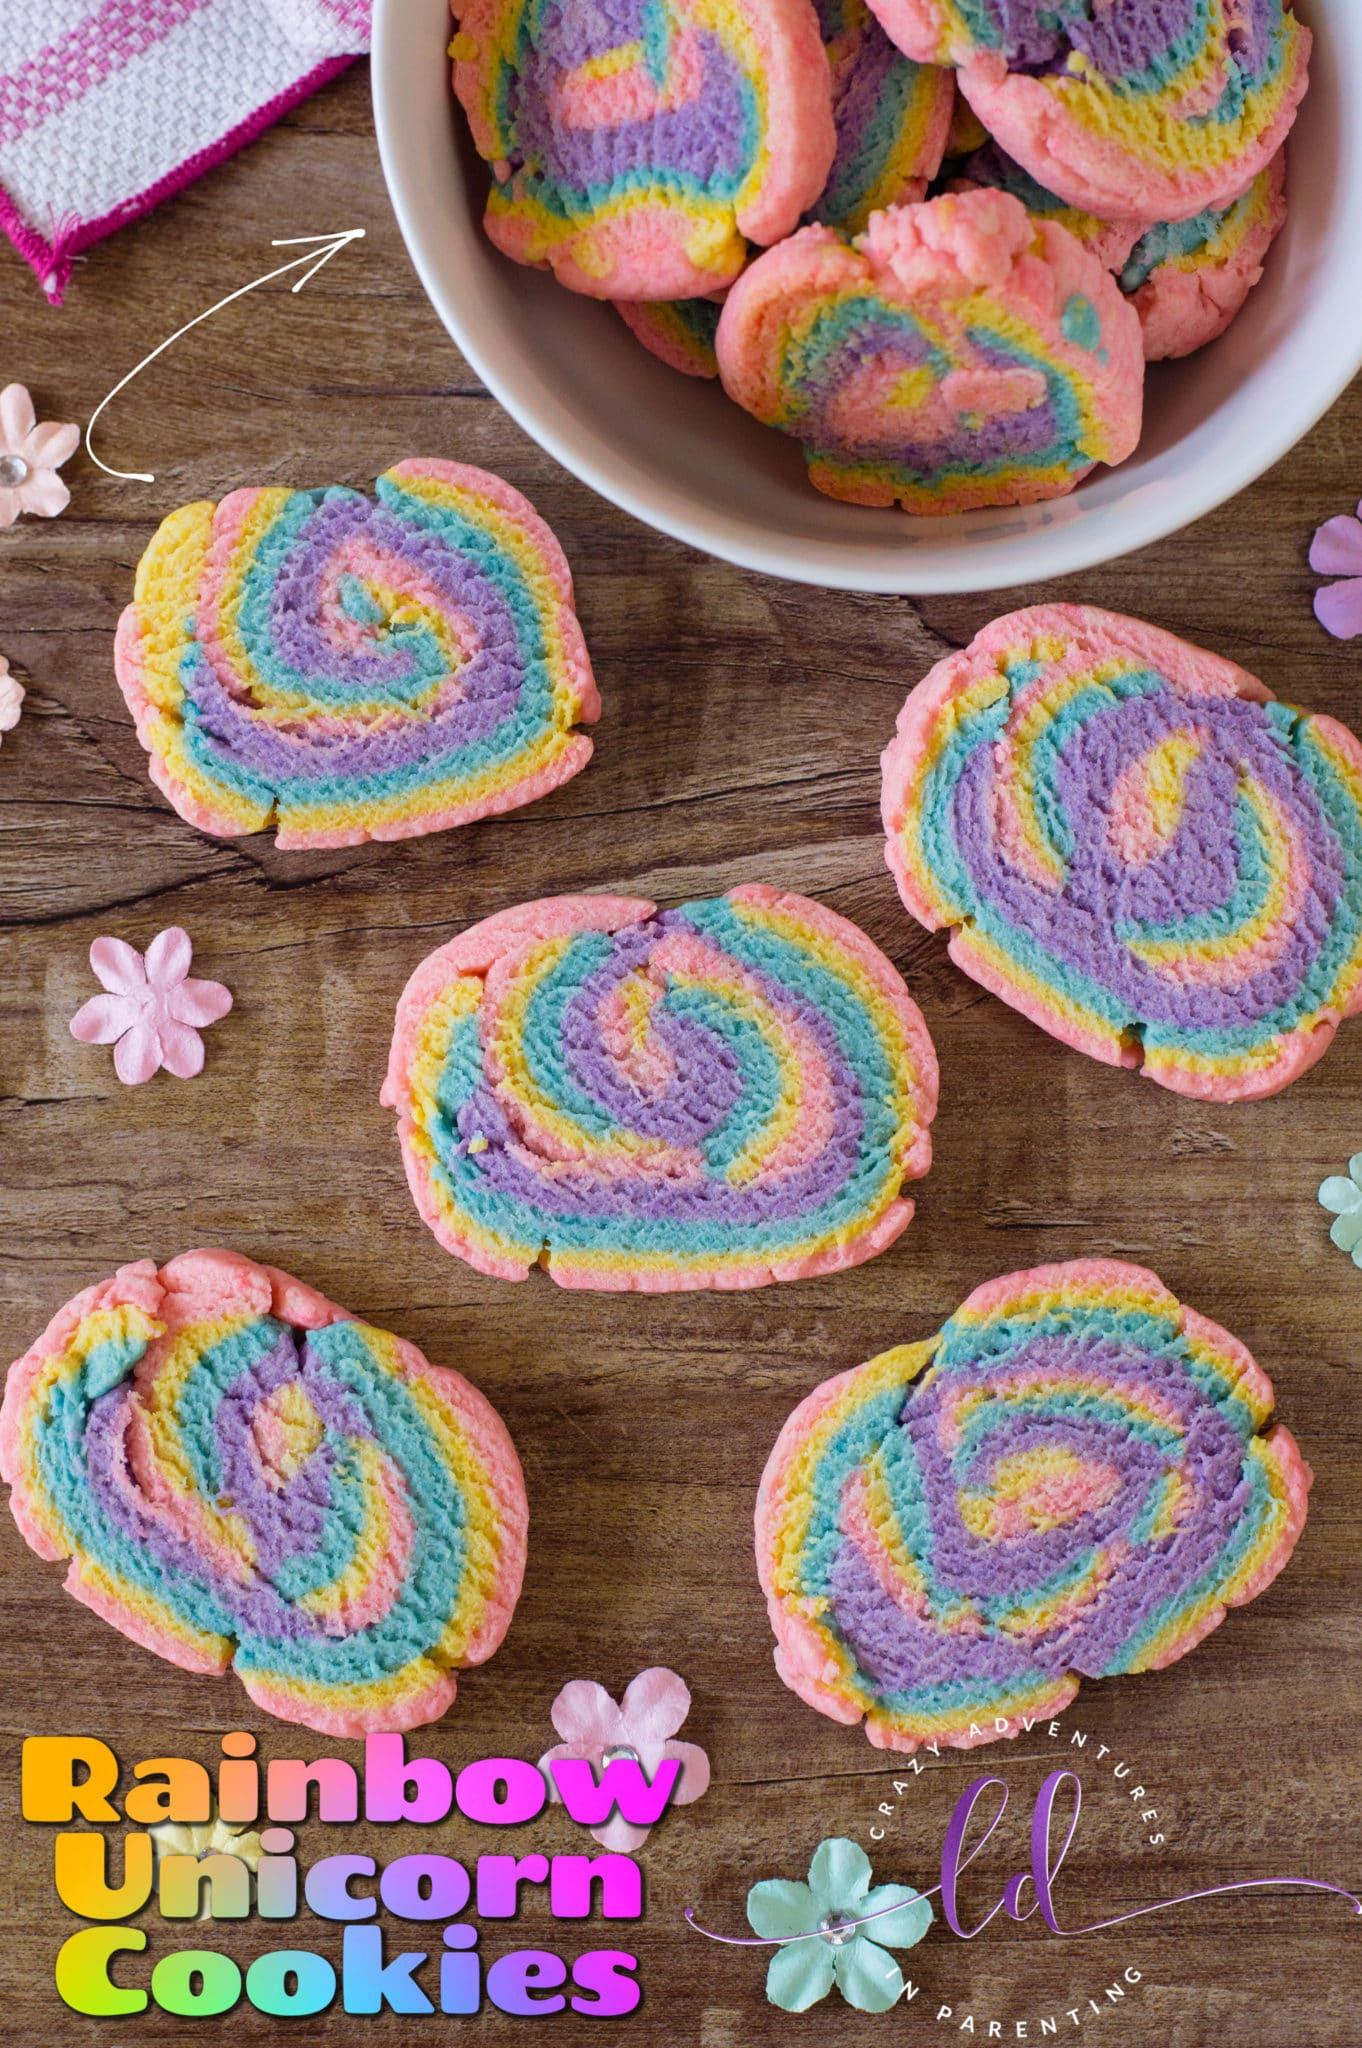 Rainbow Unicorn Cookies Recipe